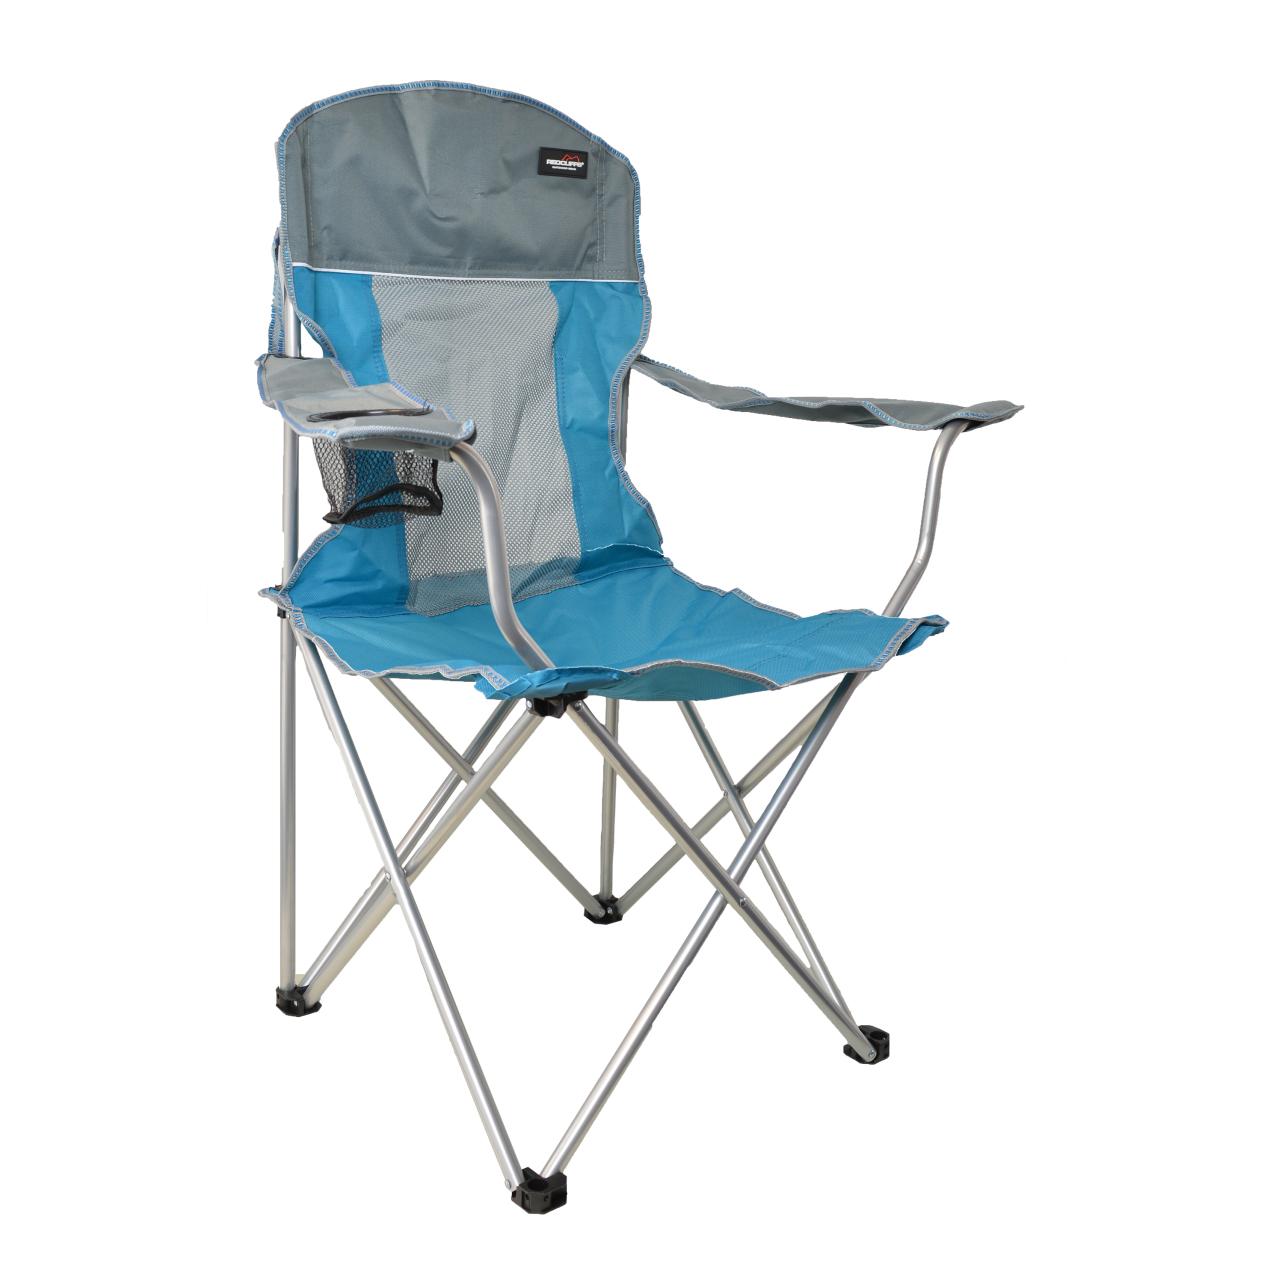 Кресло для кемпинга с держателем для бутылок Koopman camping